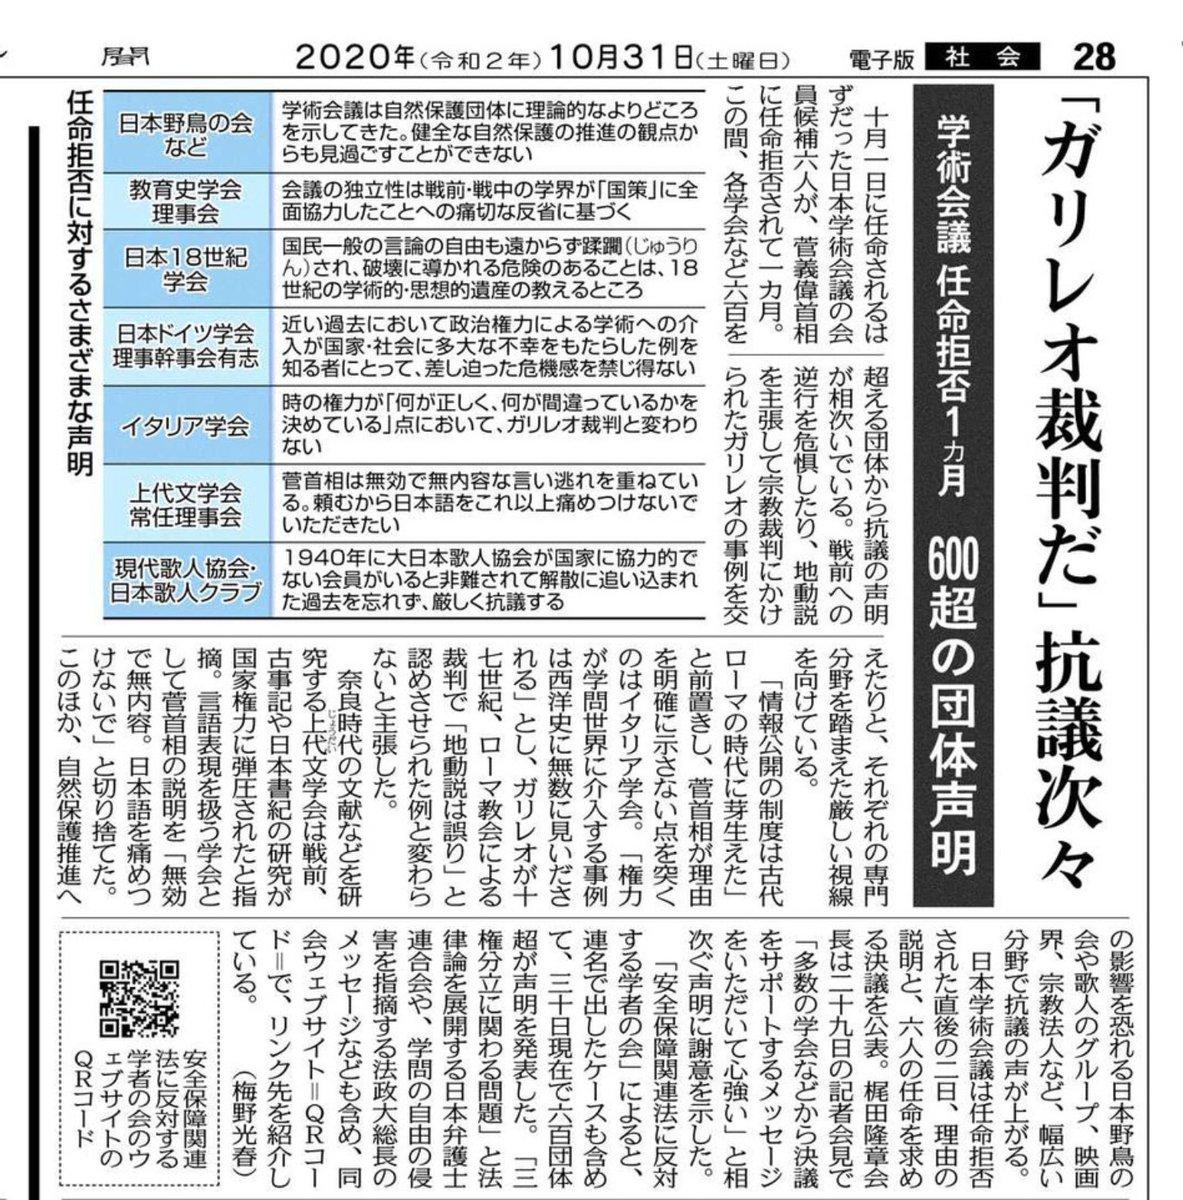 #東京新聞 の #日本学術会議 報道: ガリレオ裁判だ」抗議次々。600超の団体生命。 「会員構成は是正」野党 矛盾追及。 ※10/31/2020 #自民党 #公明党 #菅政権 の悪政  #杉田官房副長官の国会招致を求める  #日本学術会議への人事介入に抗議する  #2020年のToday https://t.co/5ODZFSIRZi